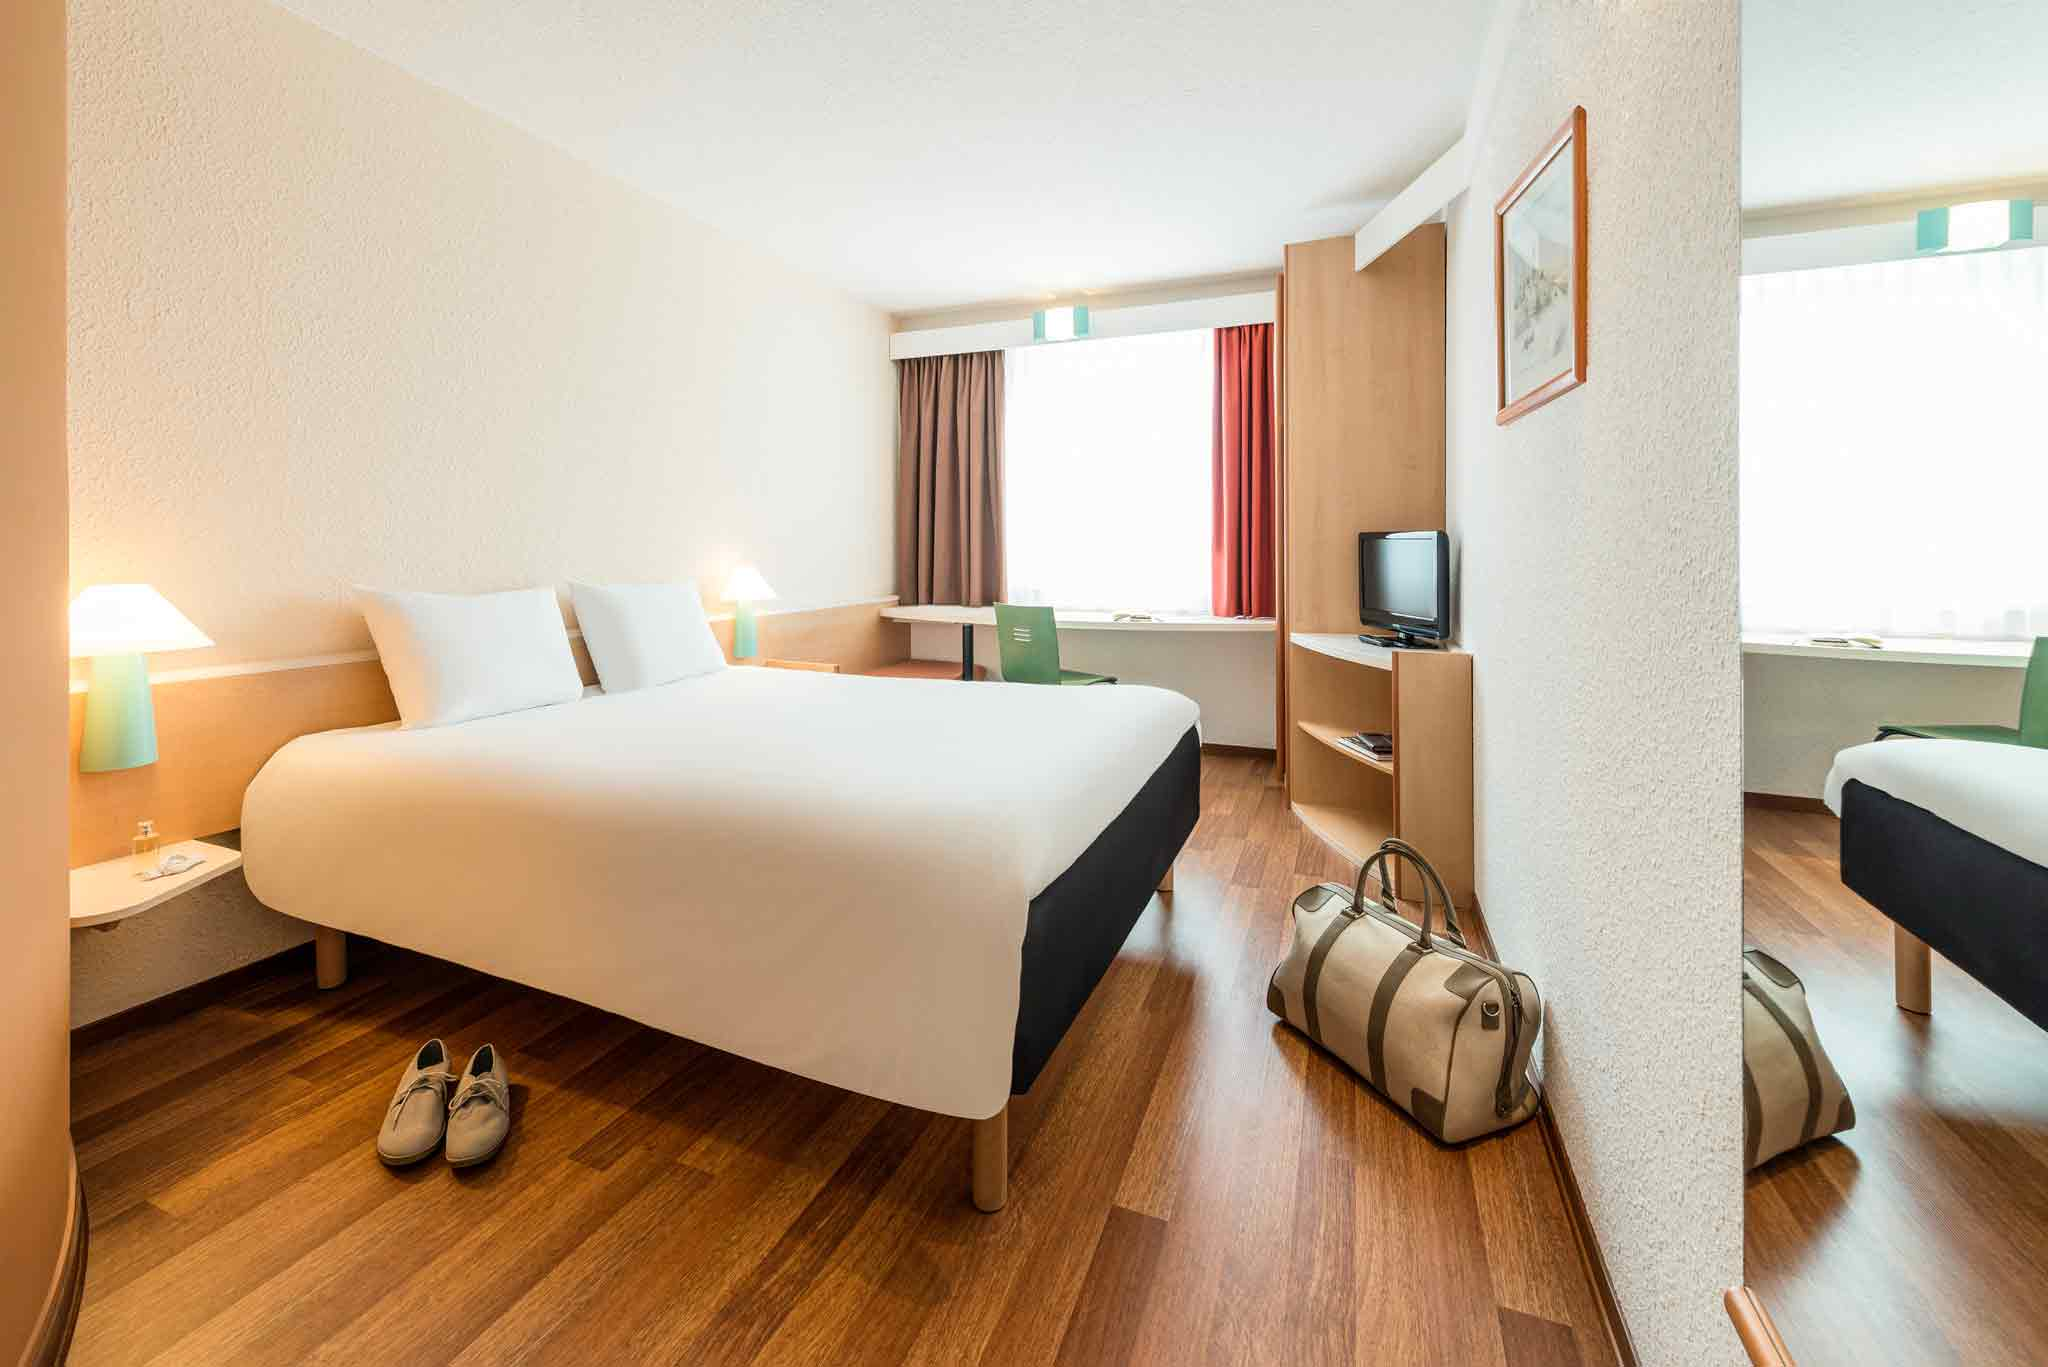 Ibis Hotel München Garching Zimmeransicht